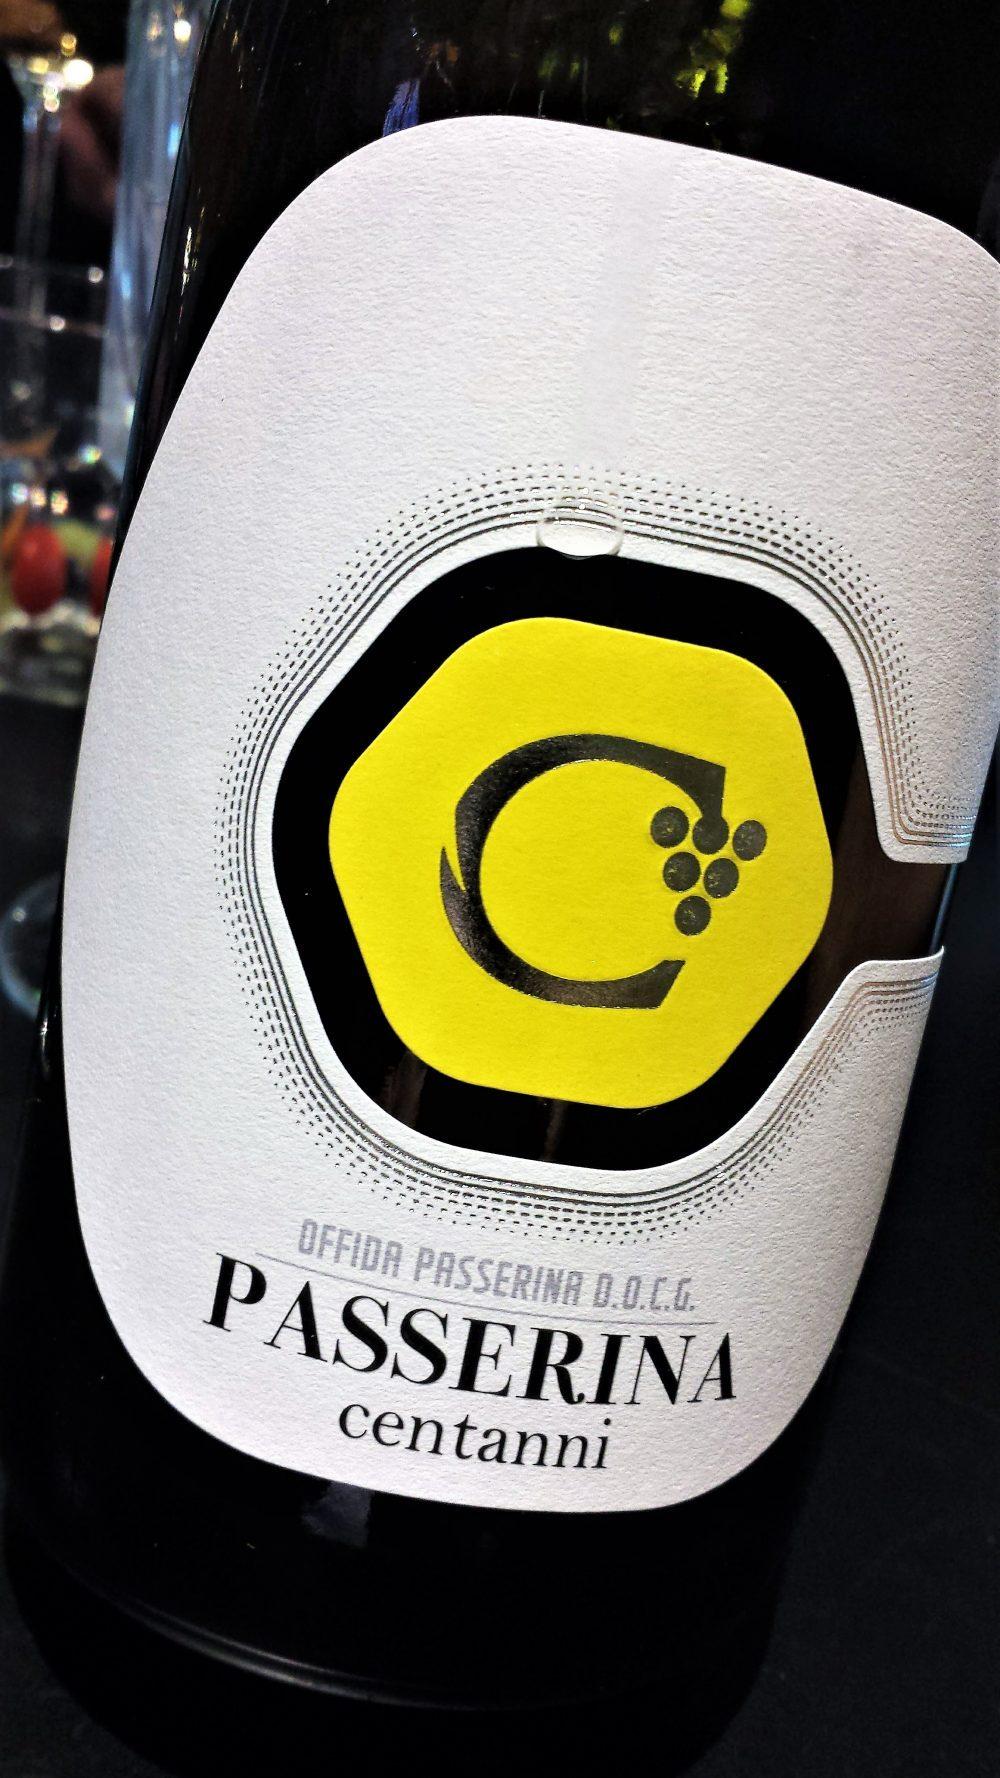 Offida Passerina 2016, Centanni